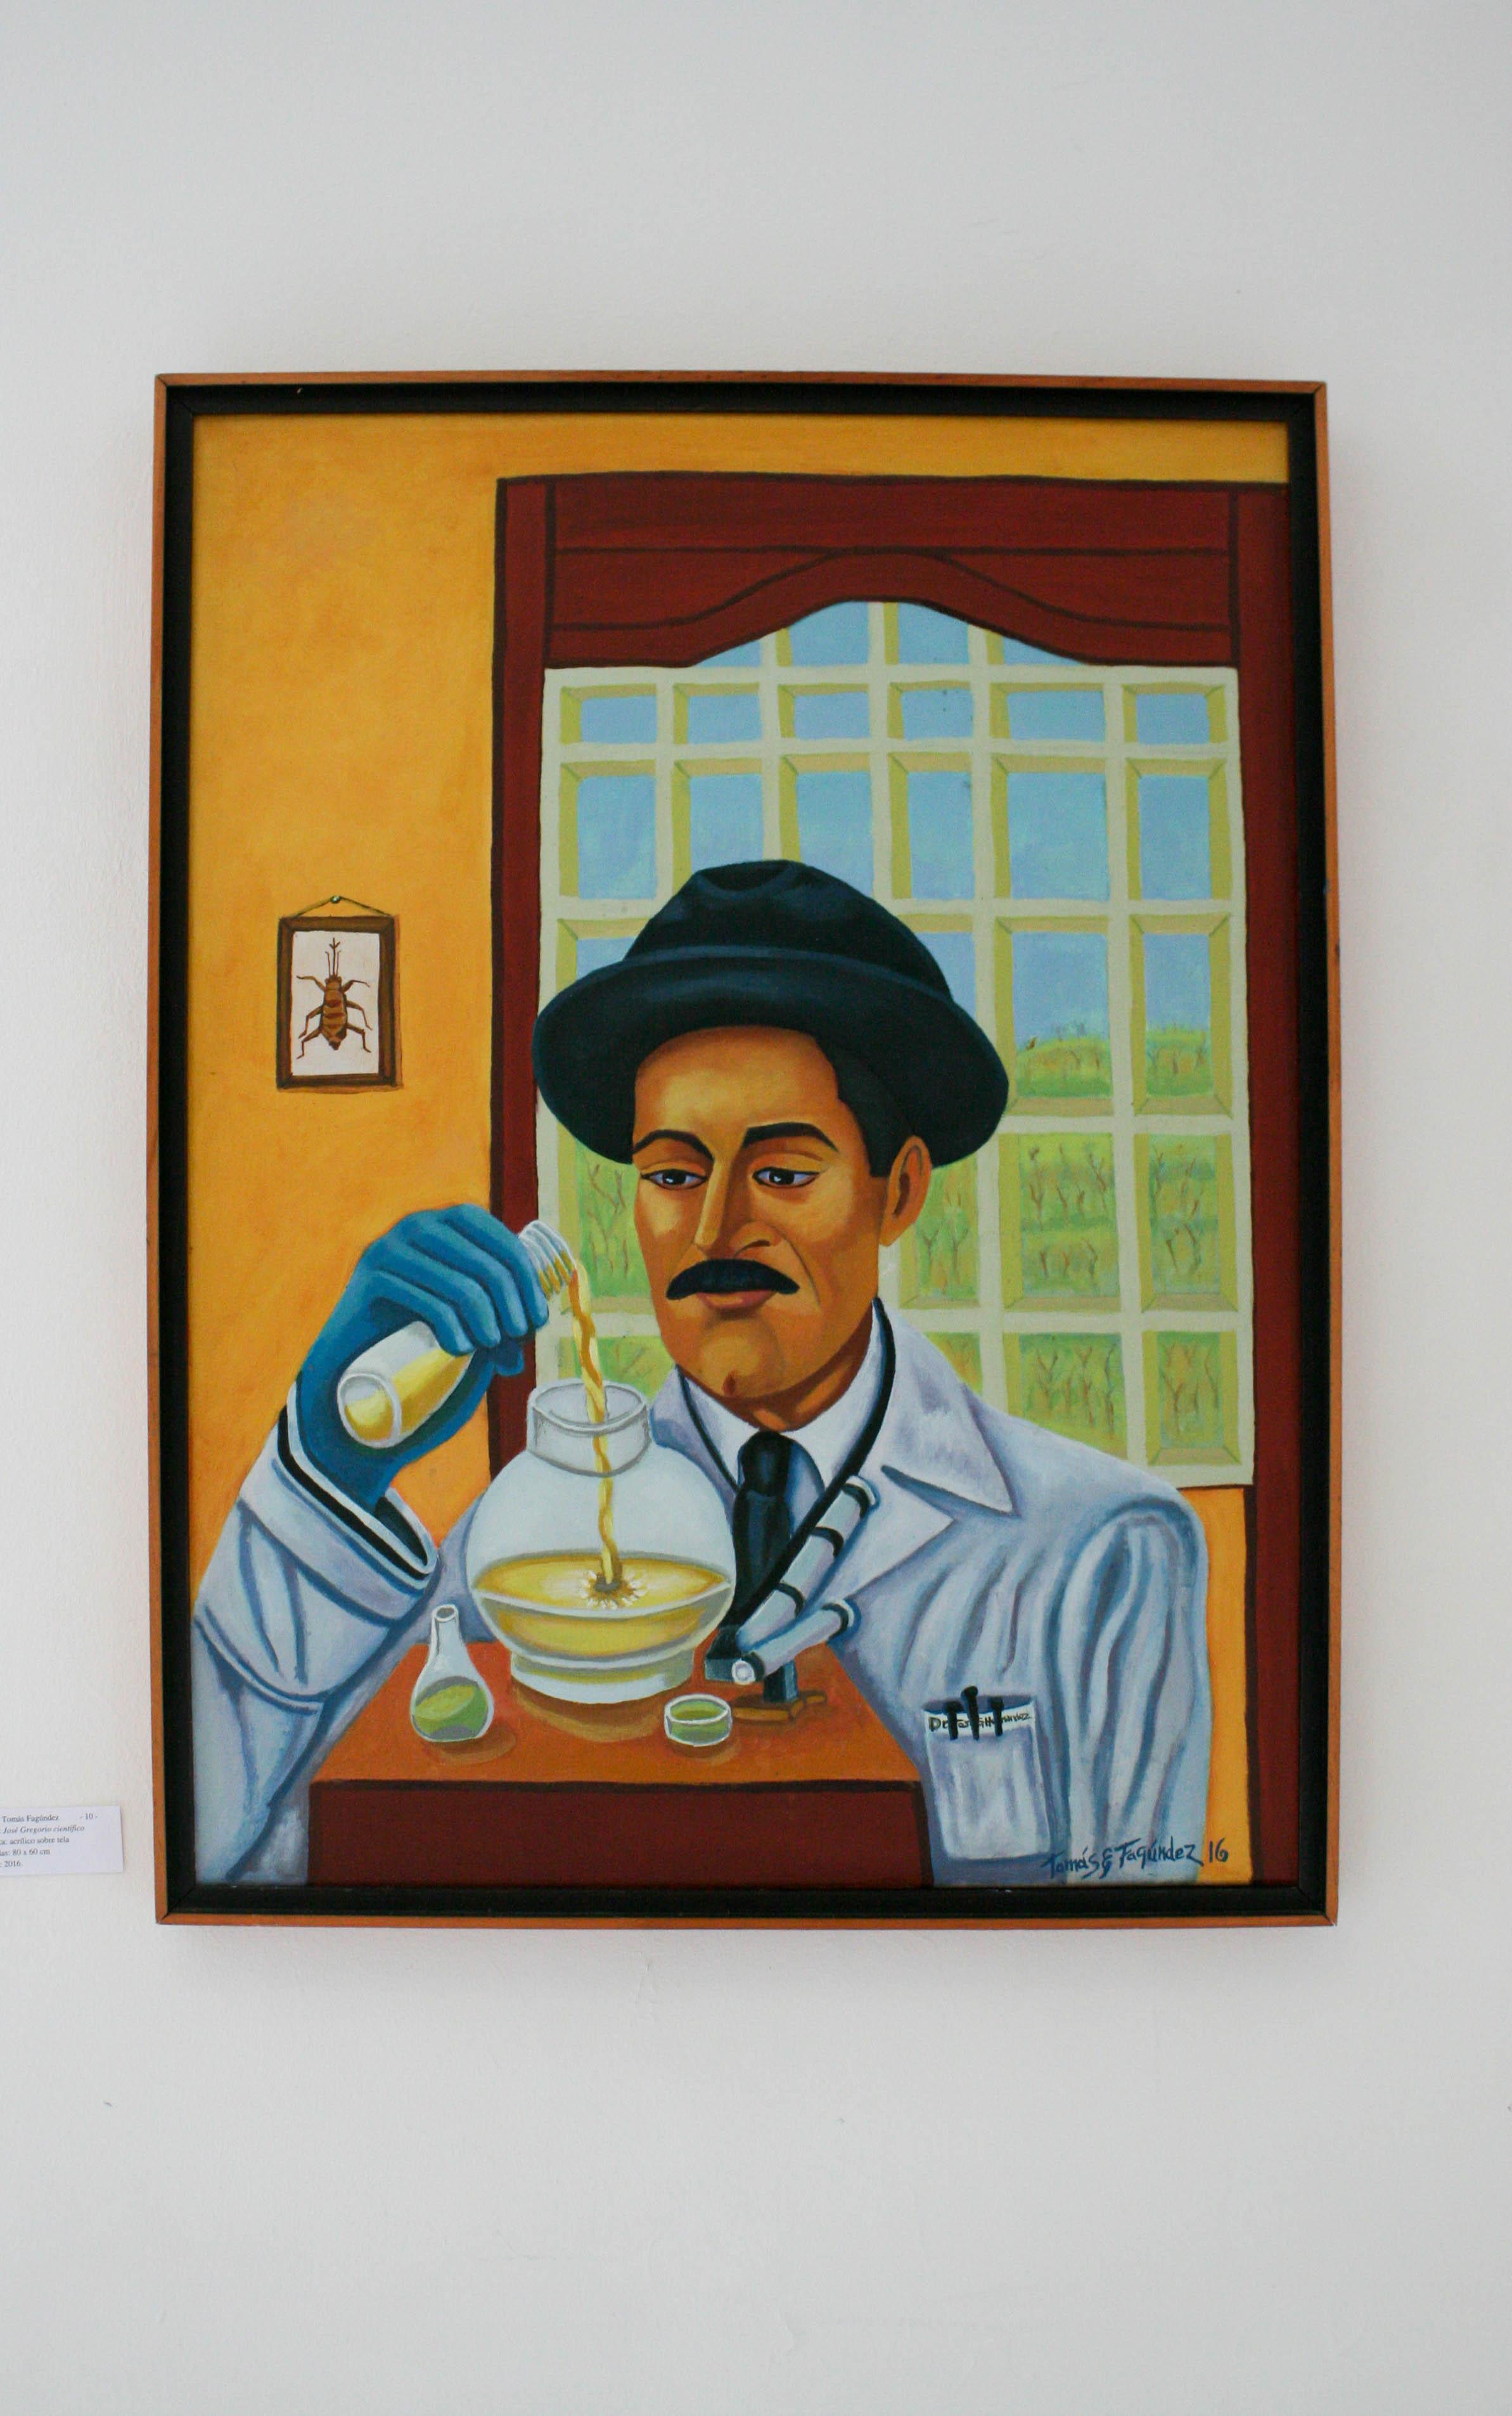 José Gregorio científico